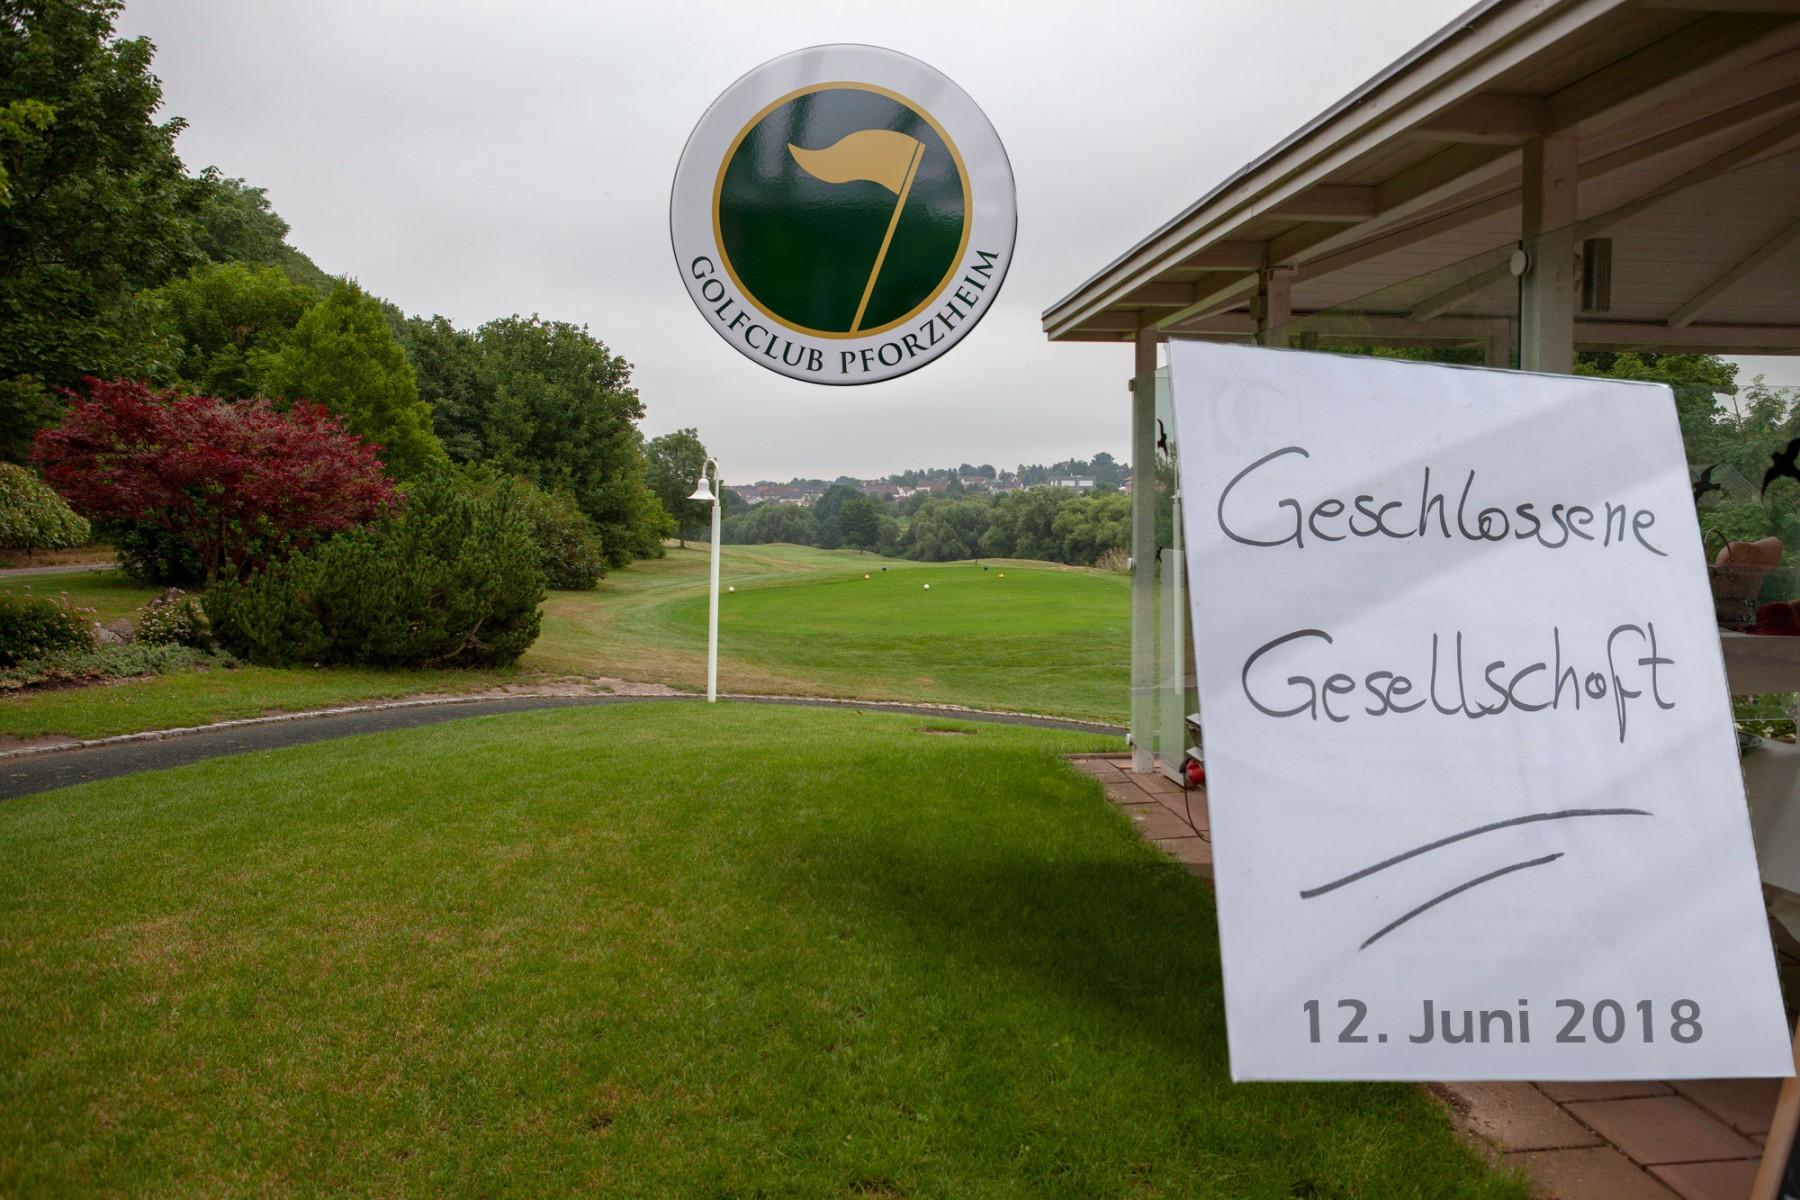 Golfclub, 12. Juni 2018